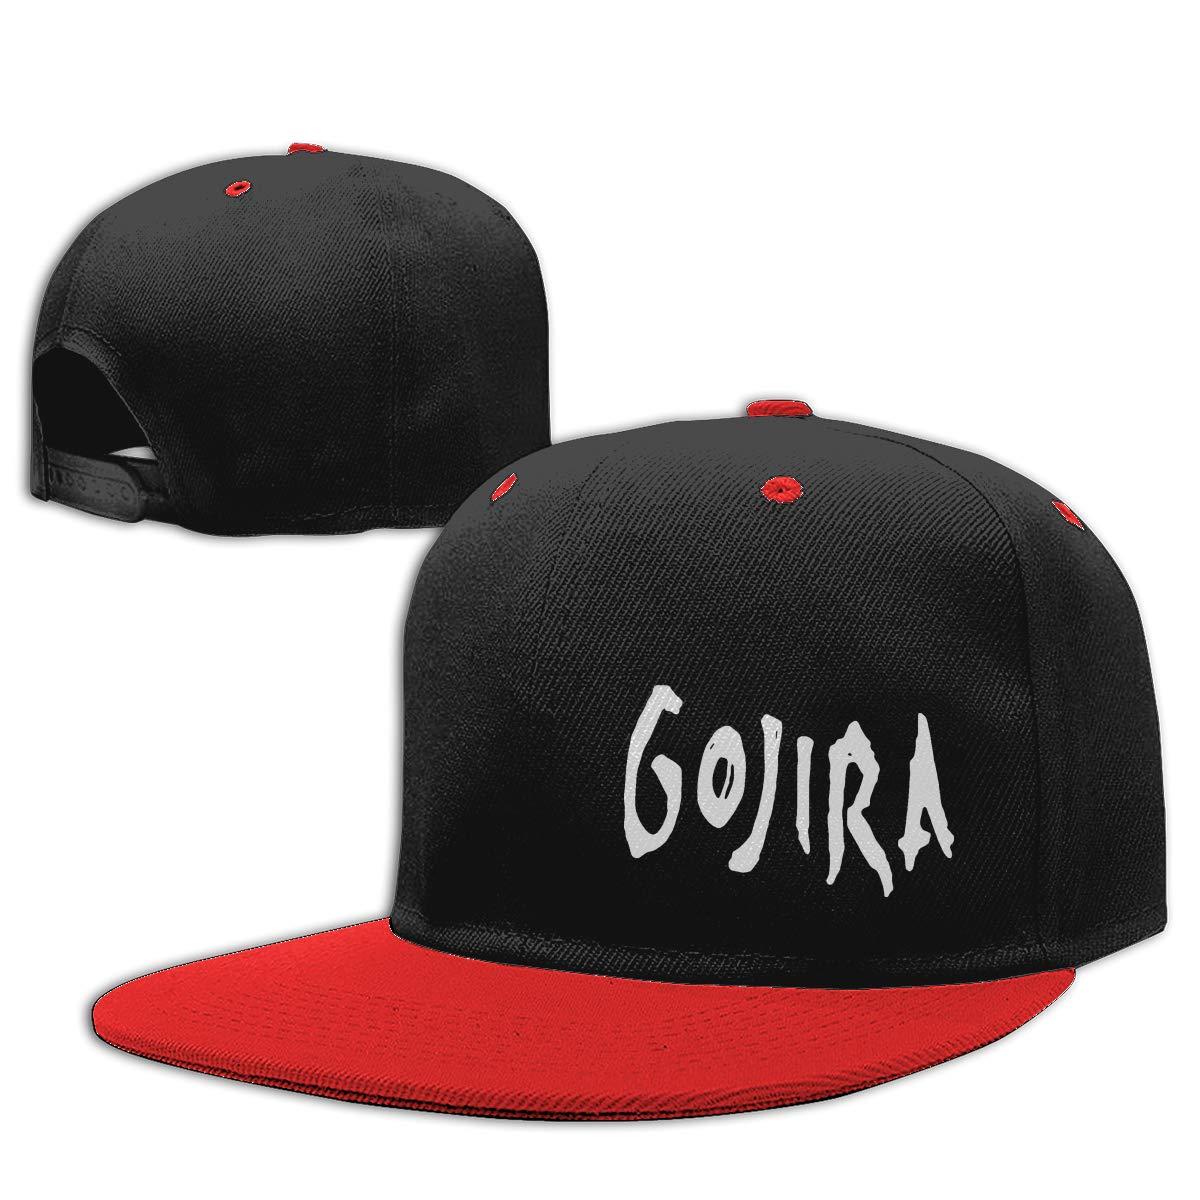 Rodney L Robbins Gojira Stylish Unisex Adjustable Hat